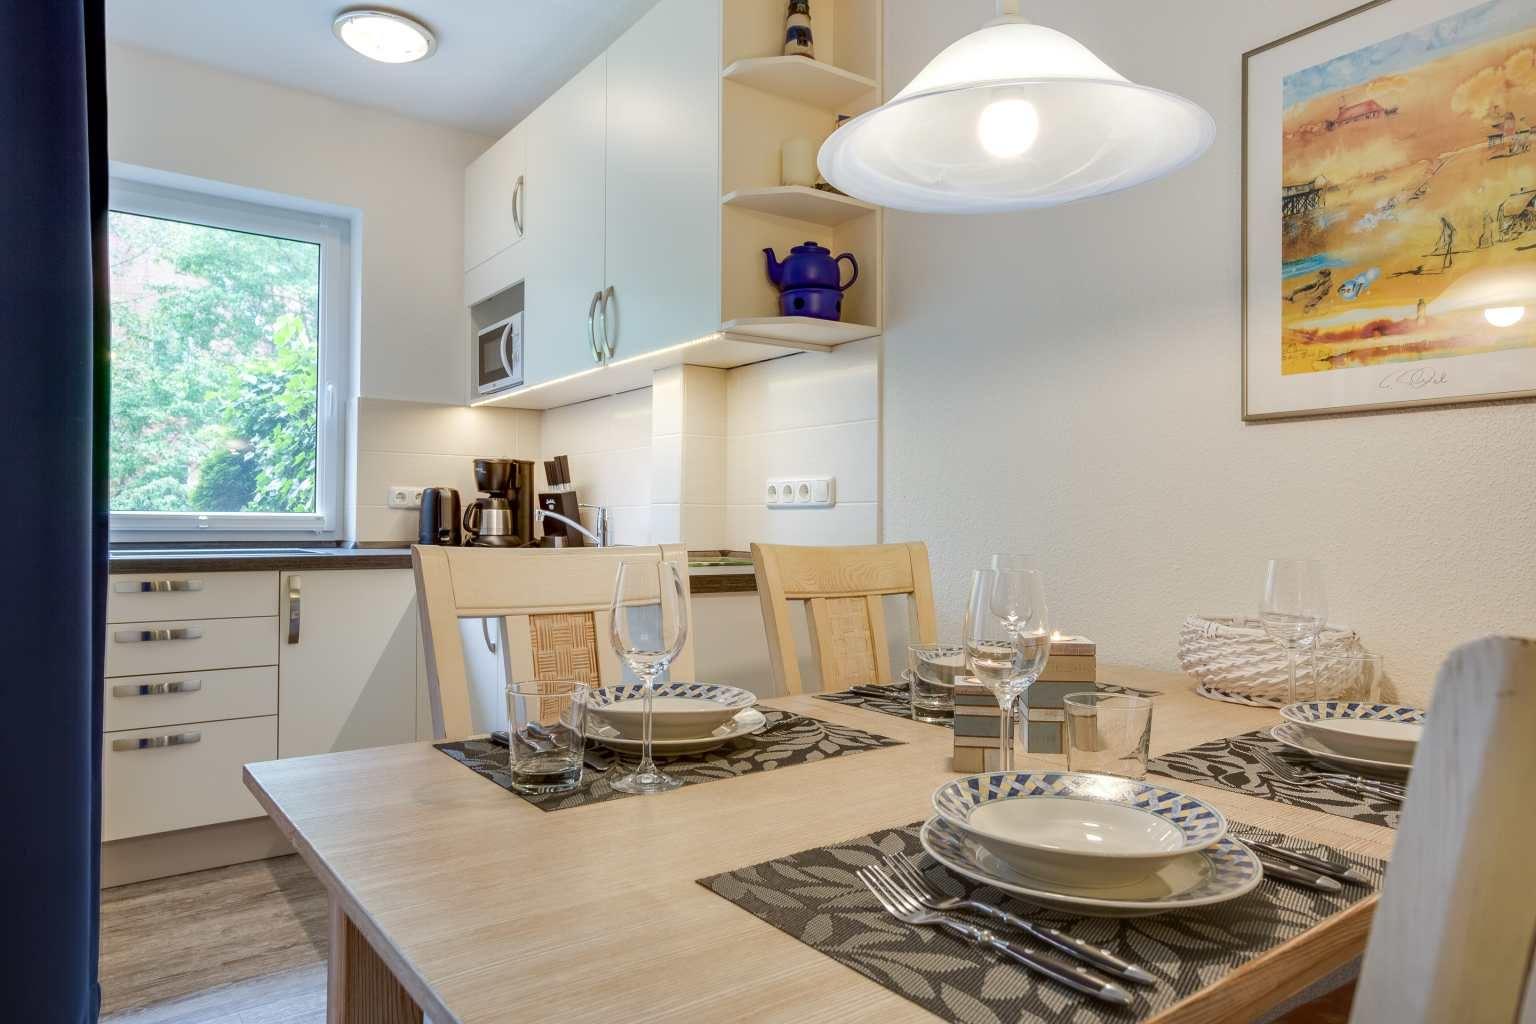 """Essbereich und Küche """"Meeresrauschen"""", 2-Zimmer-Ferienwohnung, Alter Badweg 5, St. Peter-Bad"""